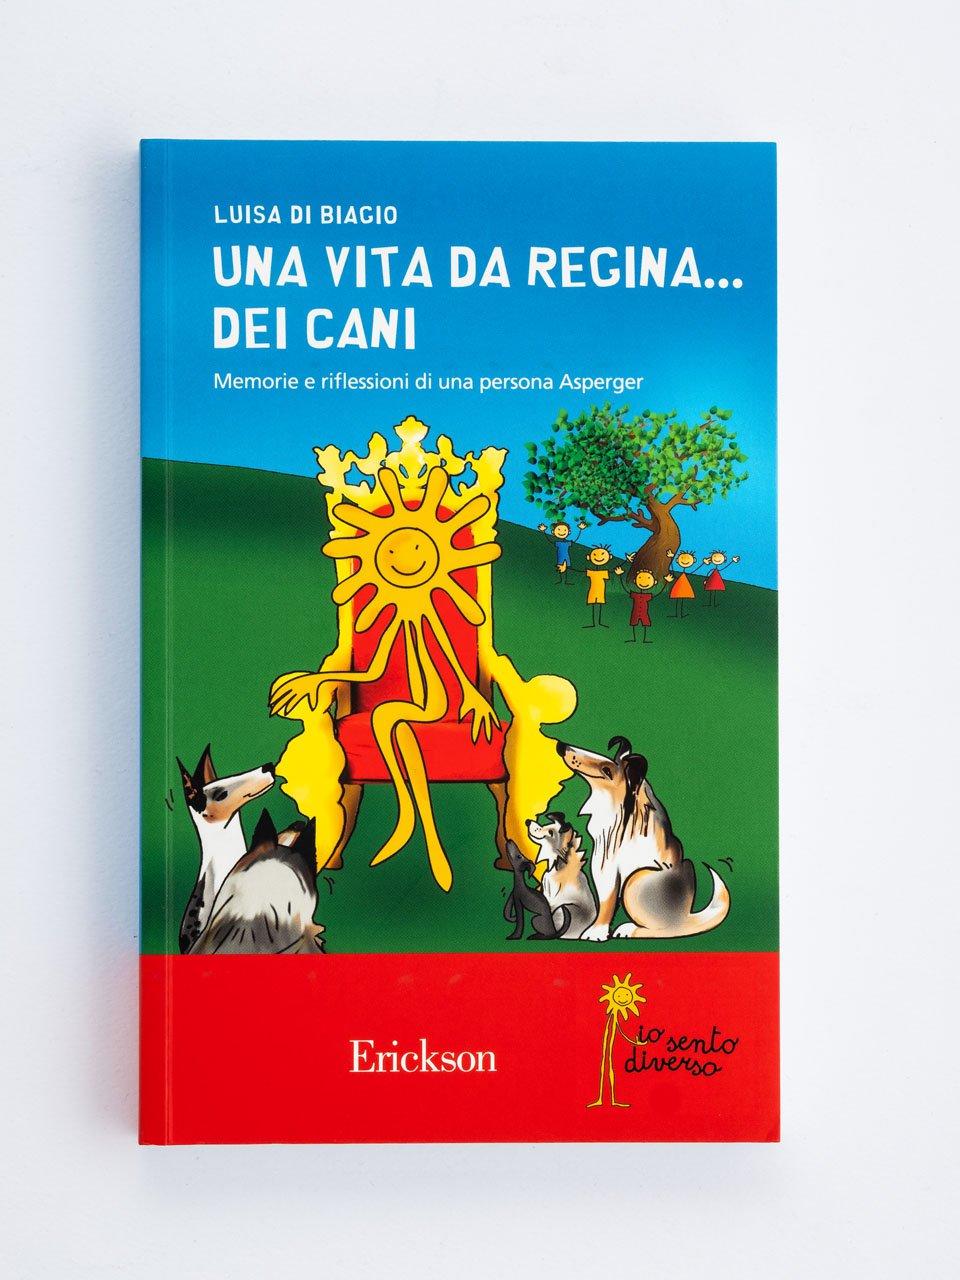 Una vita da regina... dei cani - Comunicazione e reciprocità sociale nell'autismo - Libri - Erickson